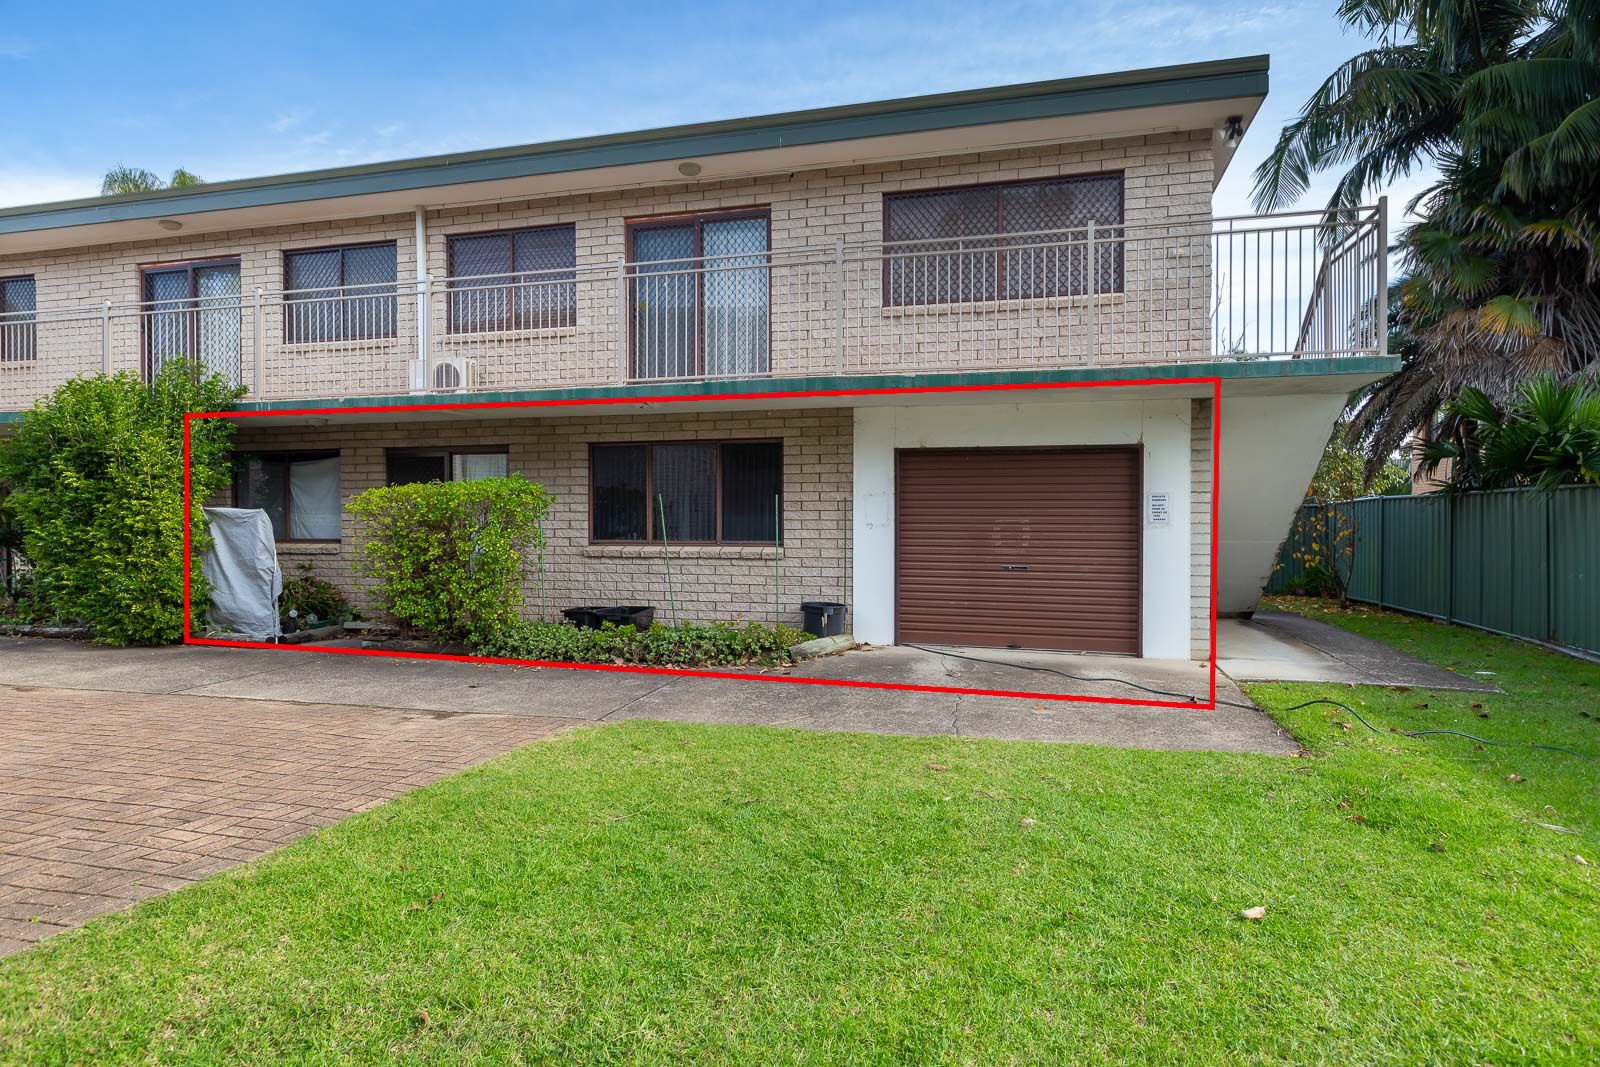 2/23 Catlin Avenue, Batemans Bay NSW 2536, Image 0